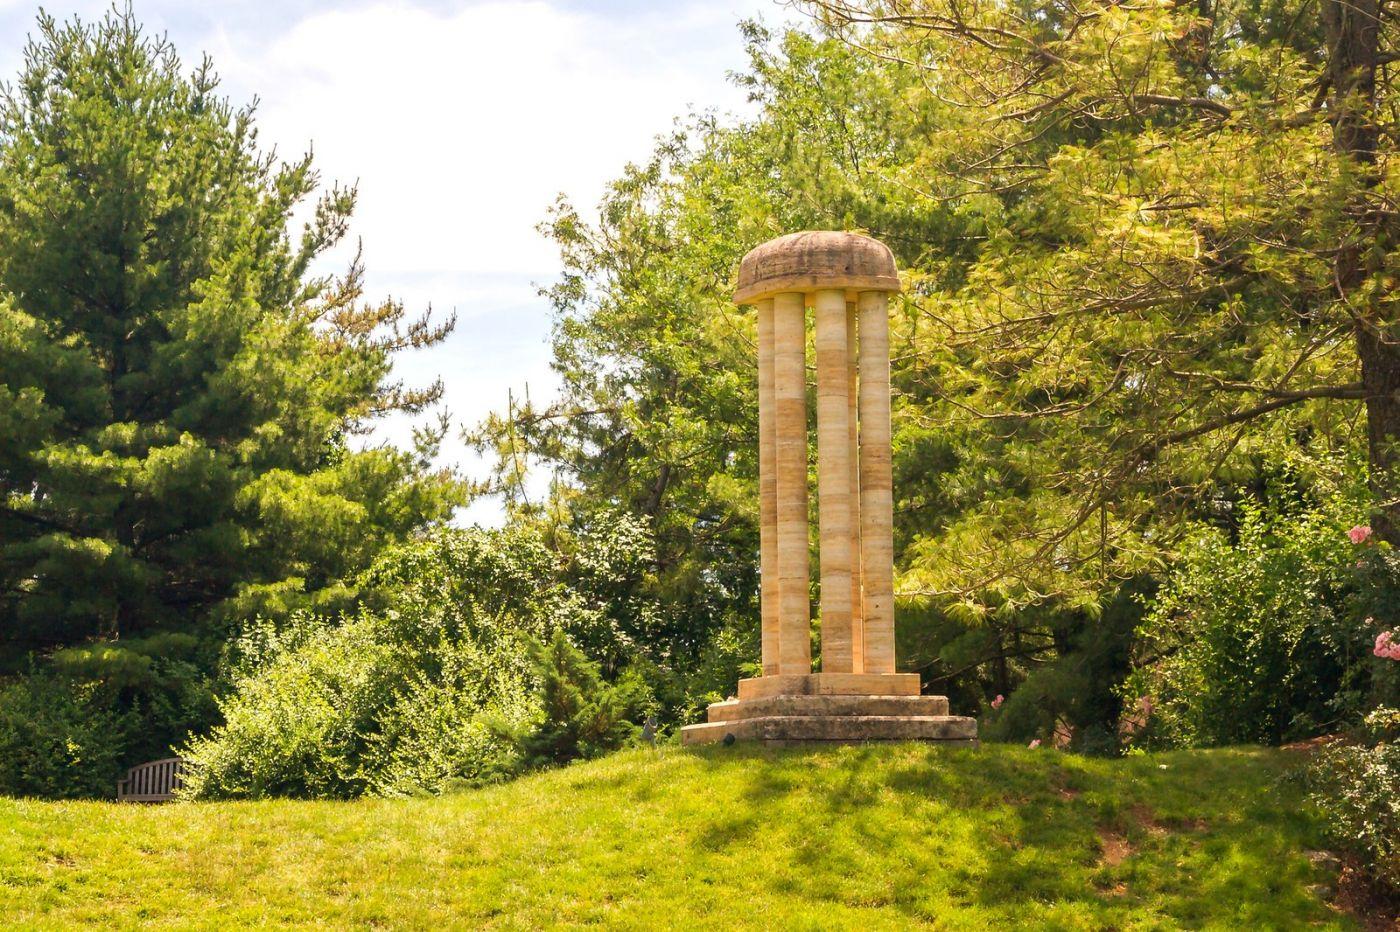 新澤西州雕塑公園(Grounds for scuplture),題材很廣_圖1-8